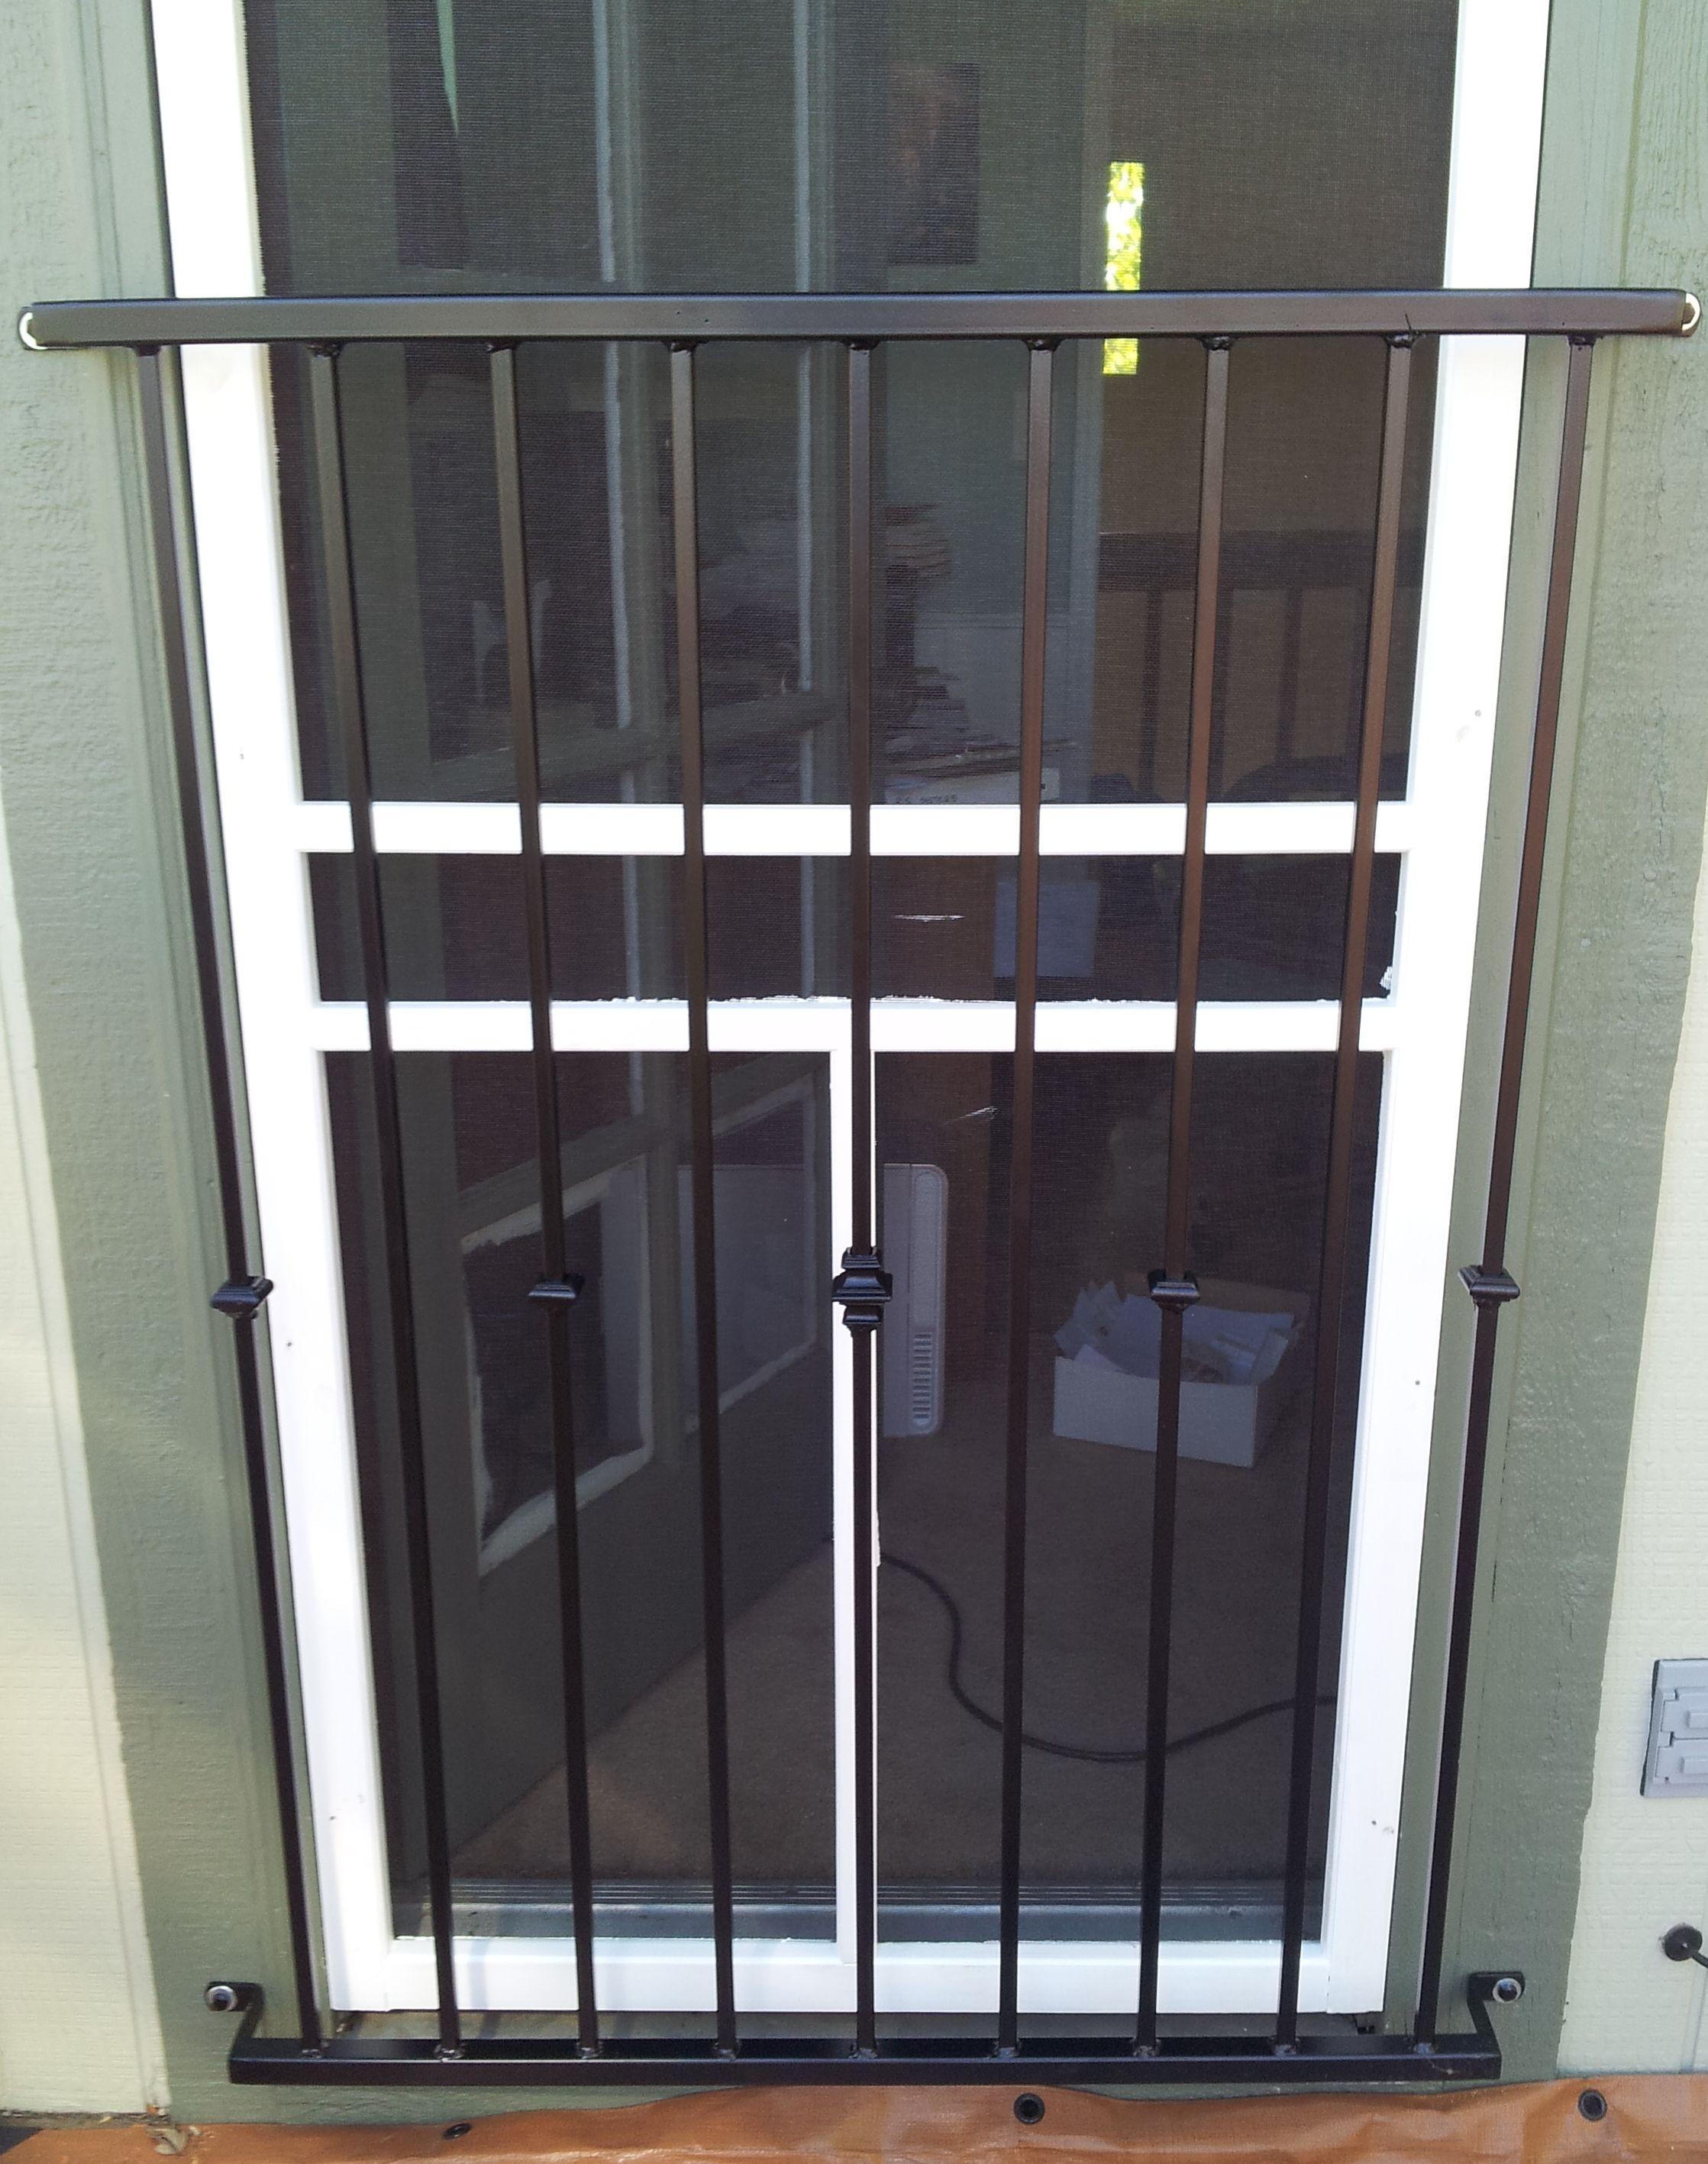 Basement Window Grills Basement Window Grills basement window security bars basement decoration ebp4 2237 X 2834